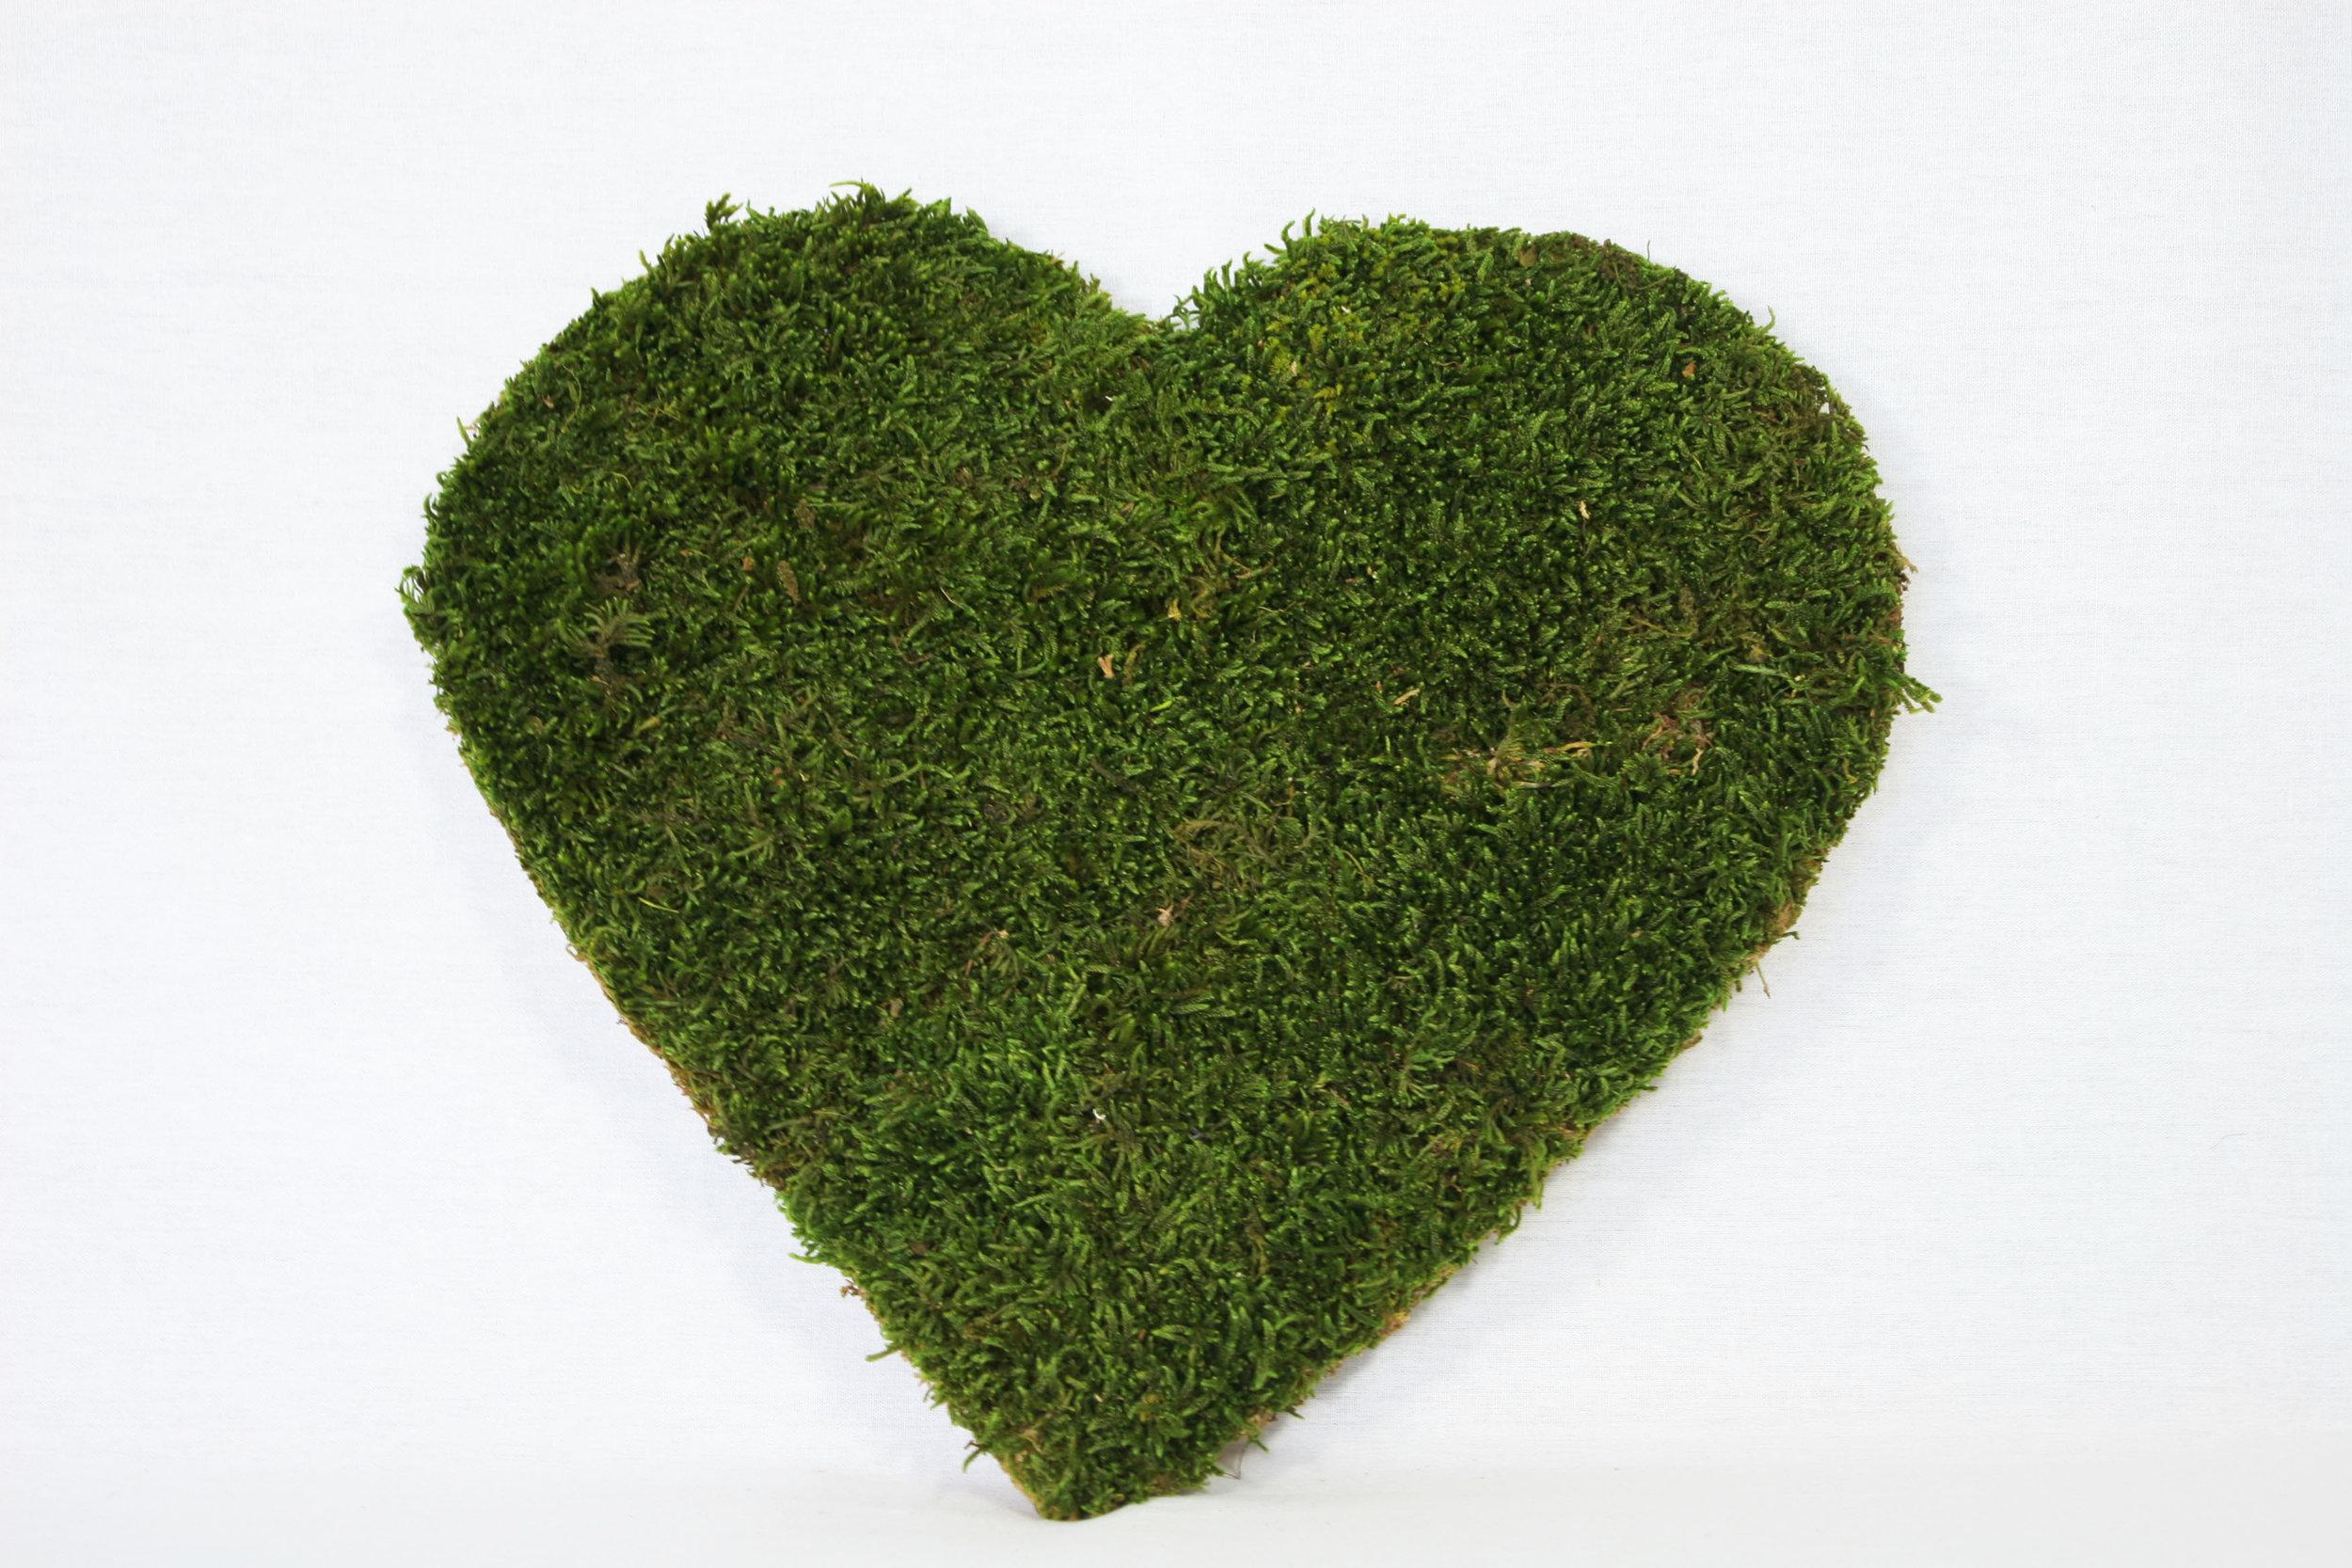 tableau-vegetal-coeur-bois.JPG